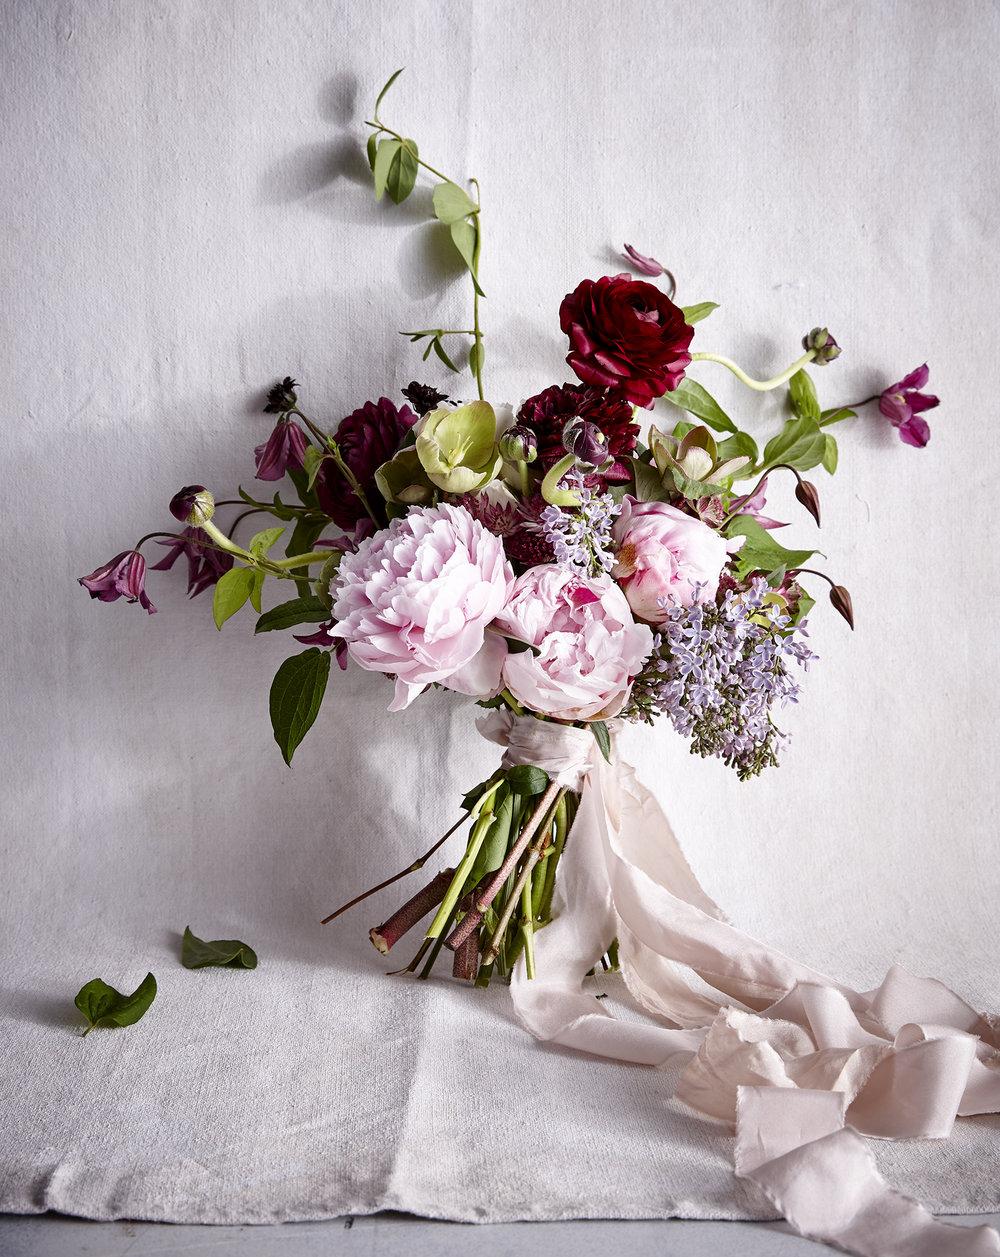 KV_Flowers8961